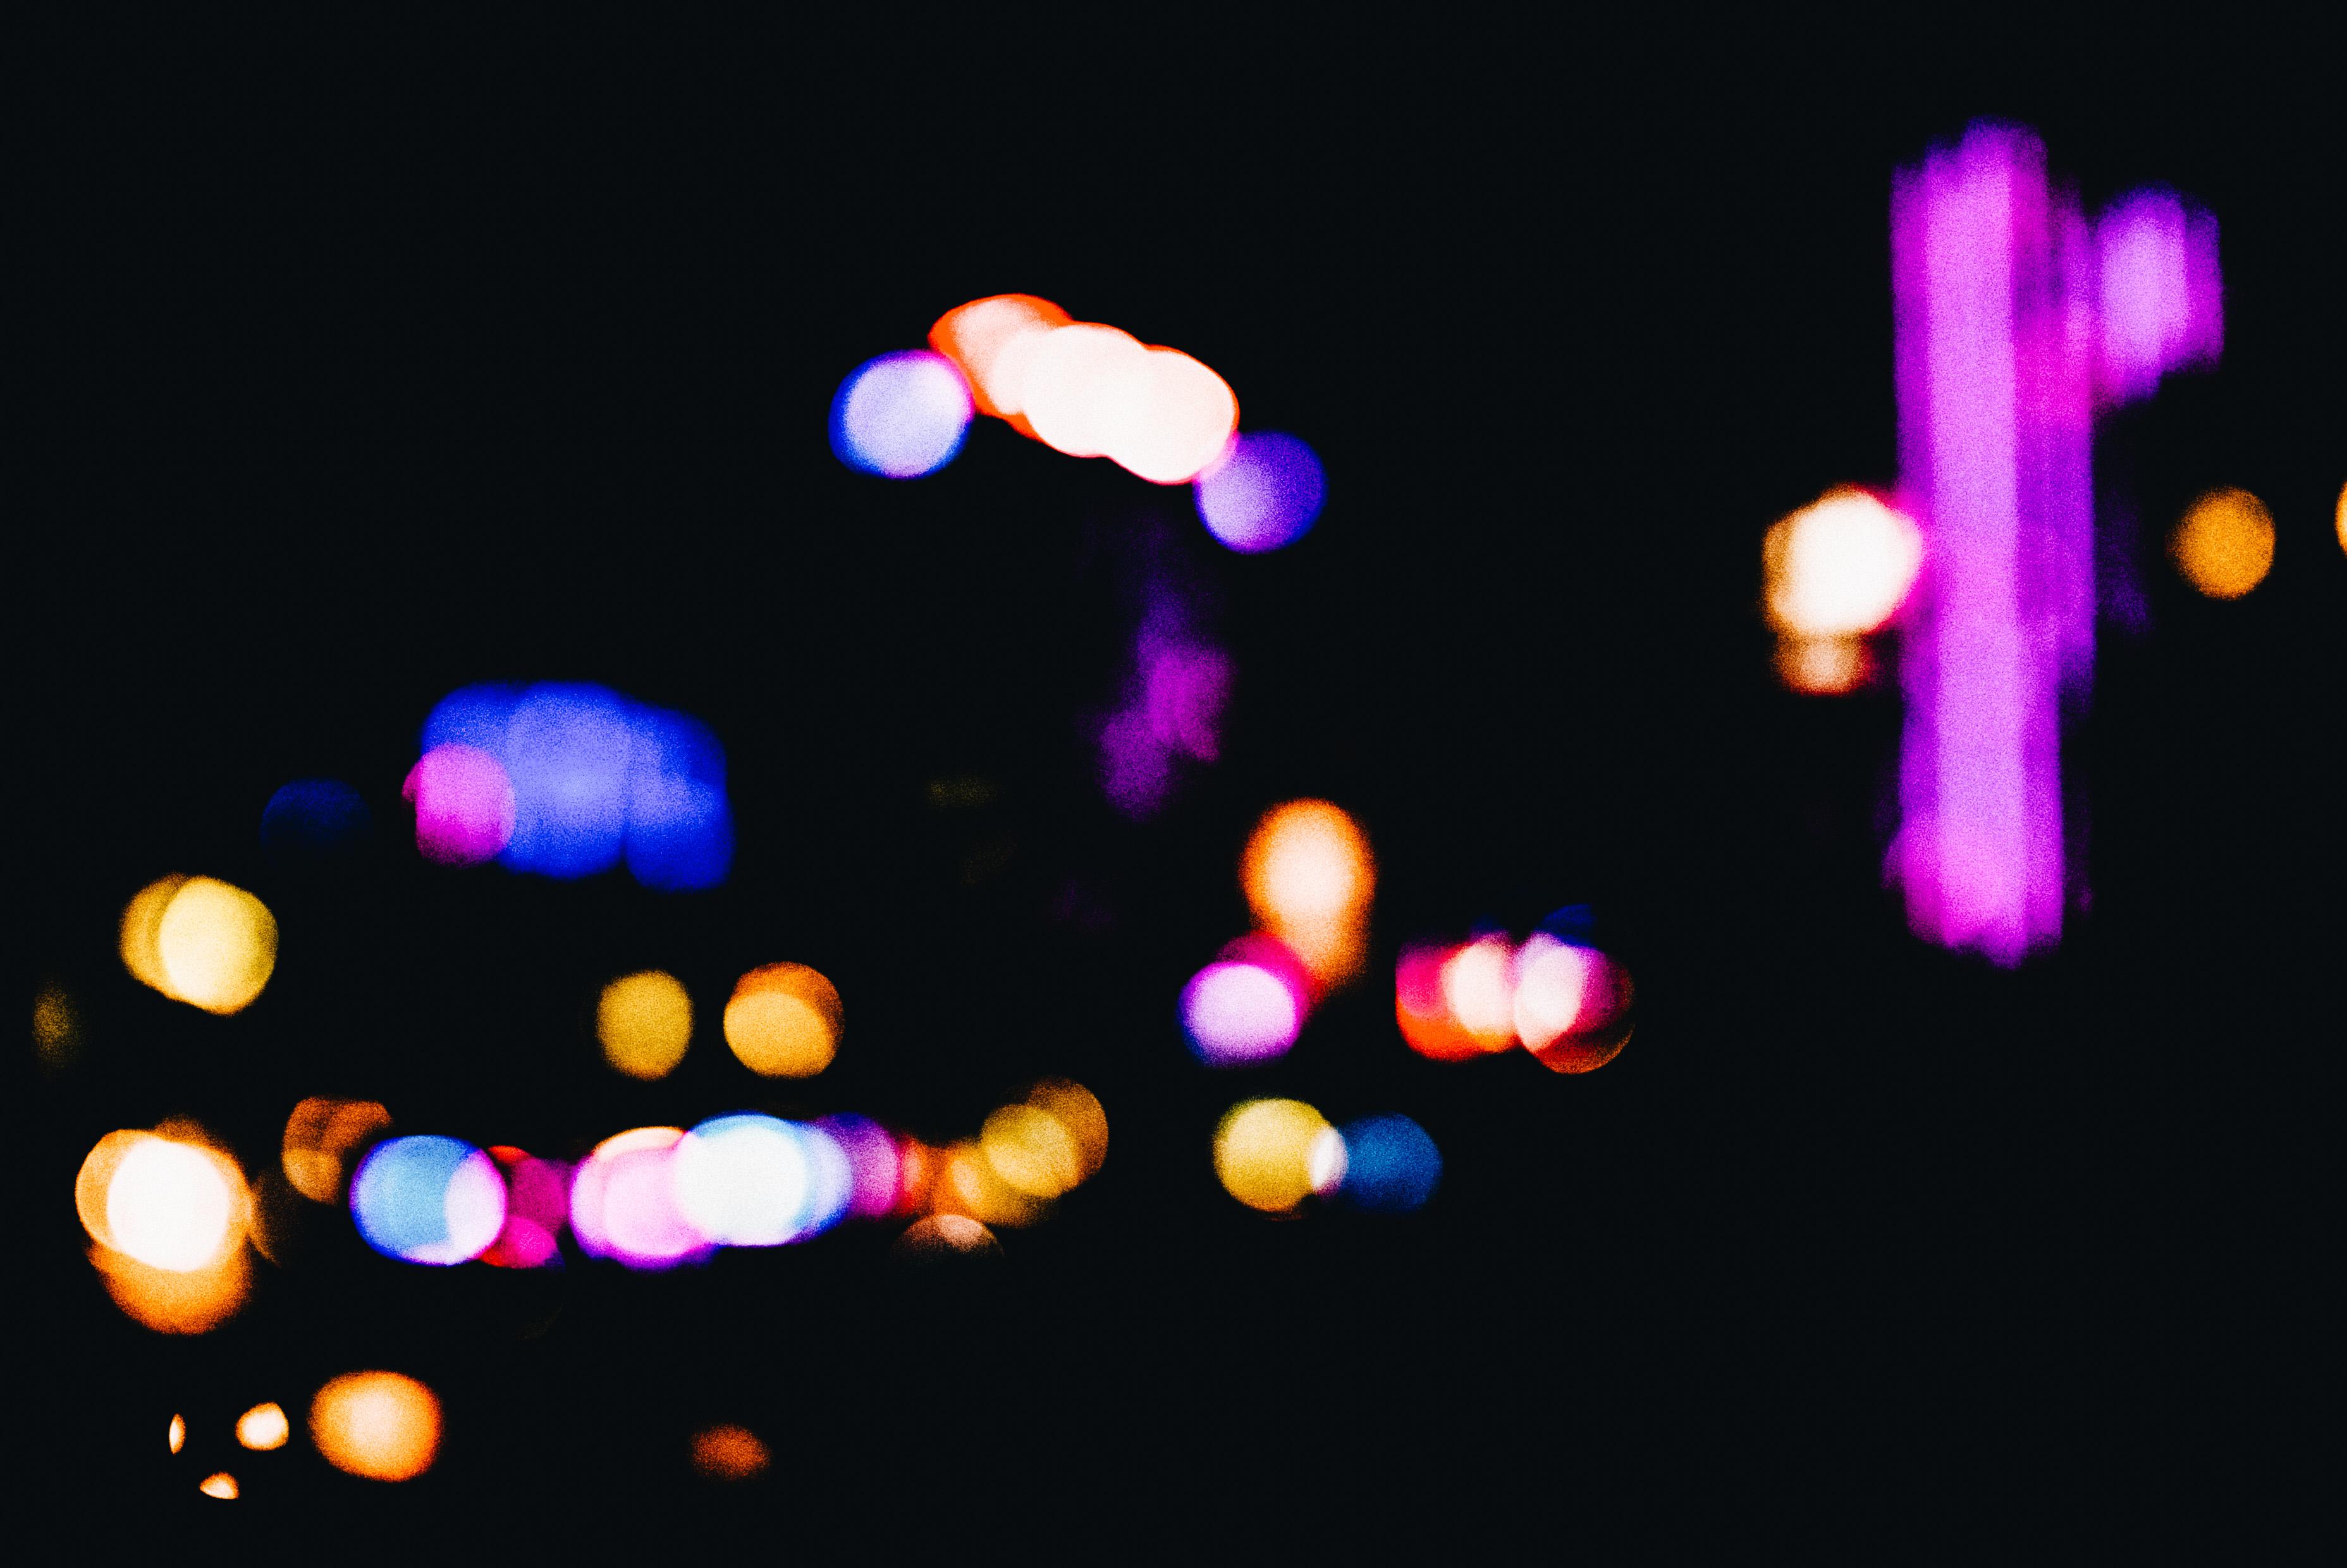 saigon lights bokeh